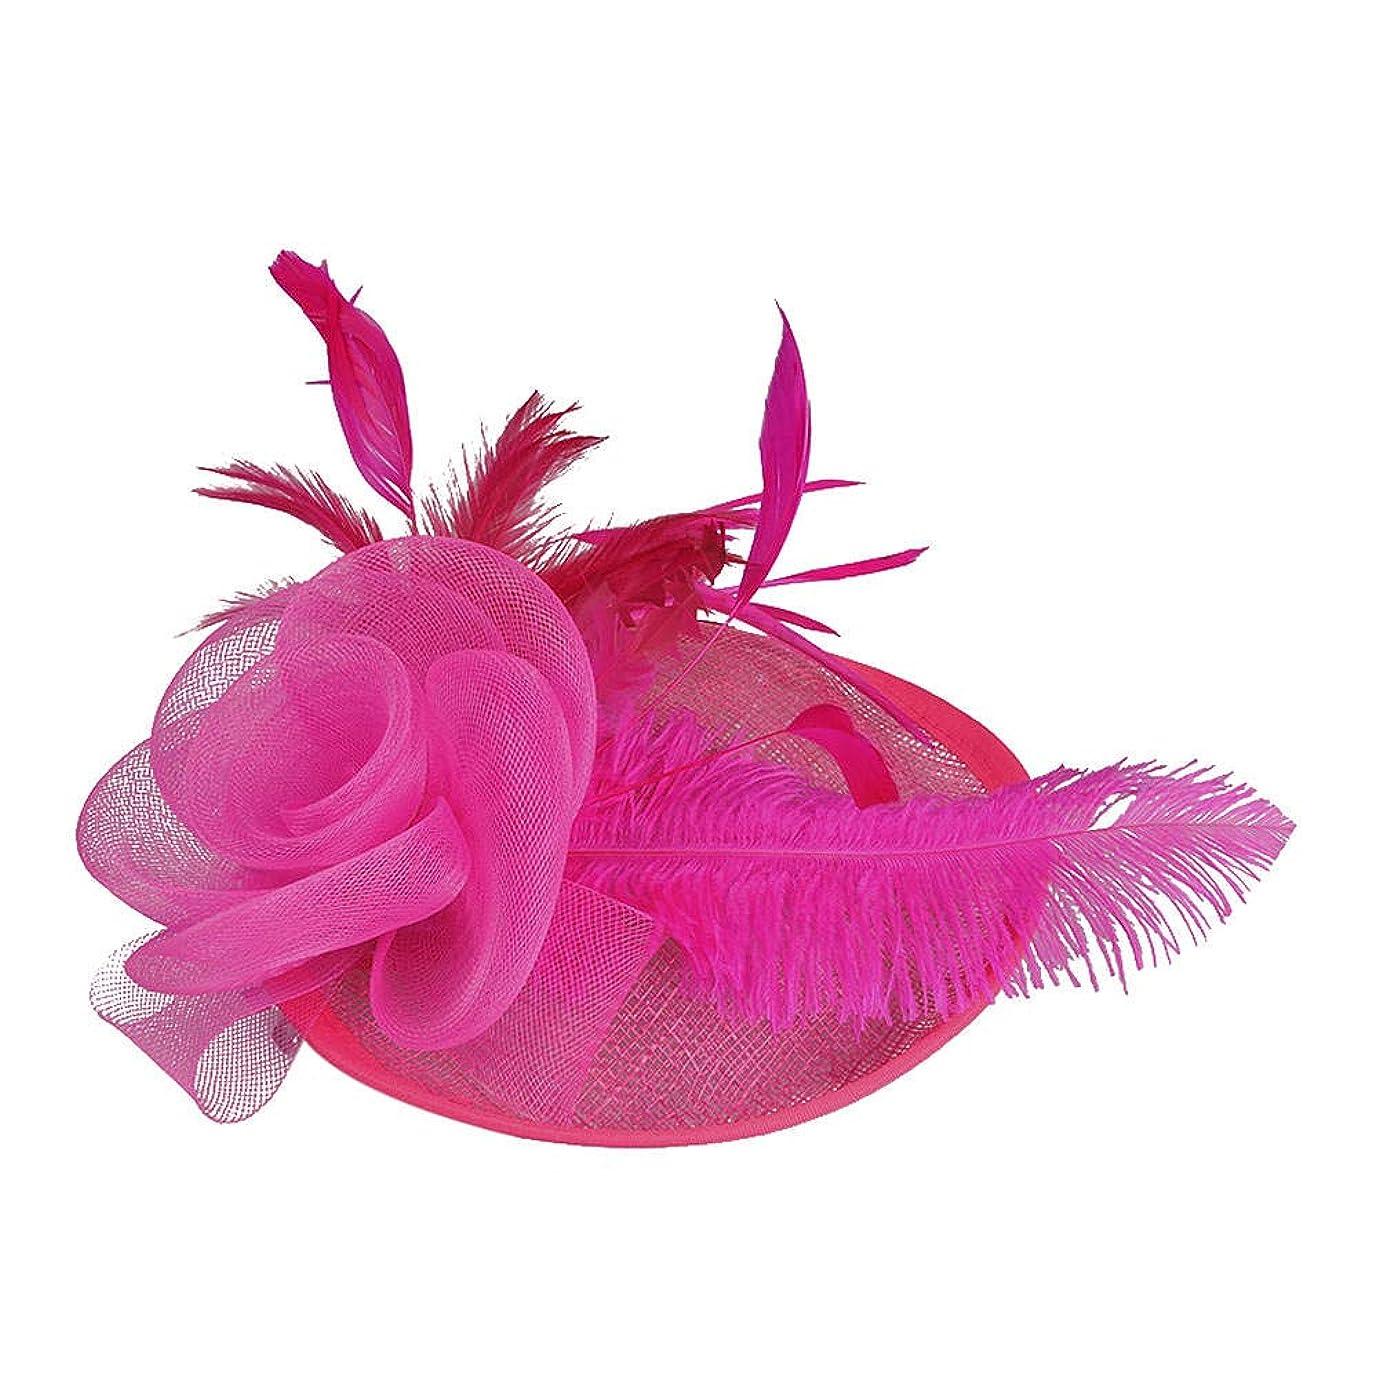 に対処するコミット抽象Merssavo 英国スタイルのブライダルハット、女性エレガントな花の羽のベールの帽子ヴィンテージリネンティアラヘアアクセサリードレス帽子、6#